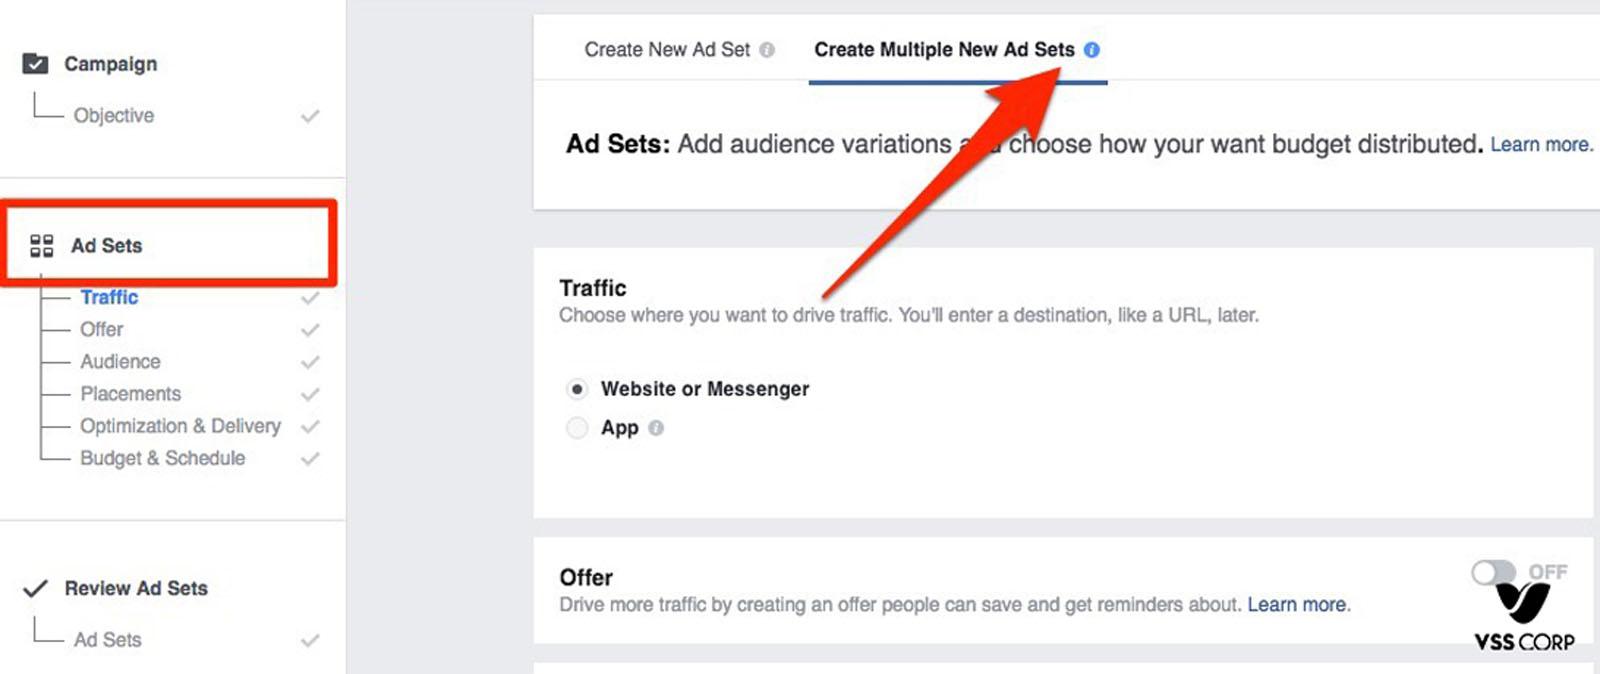 Tạo Bộ quảng cáo mới hoặc chọn Bộ quảng cáo cũ mà bạn muốn sửa đổi.